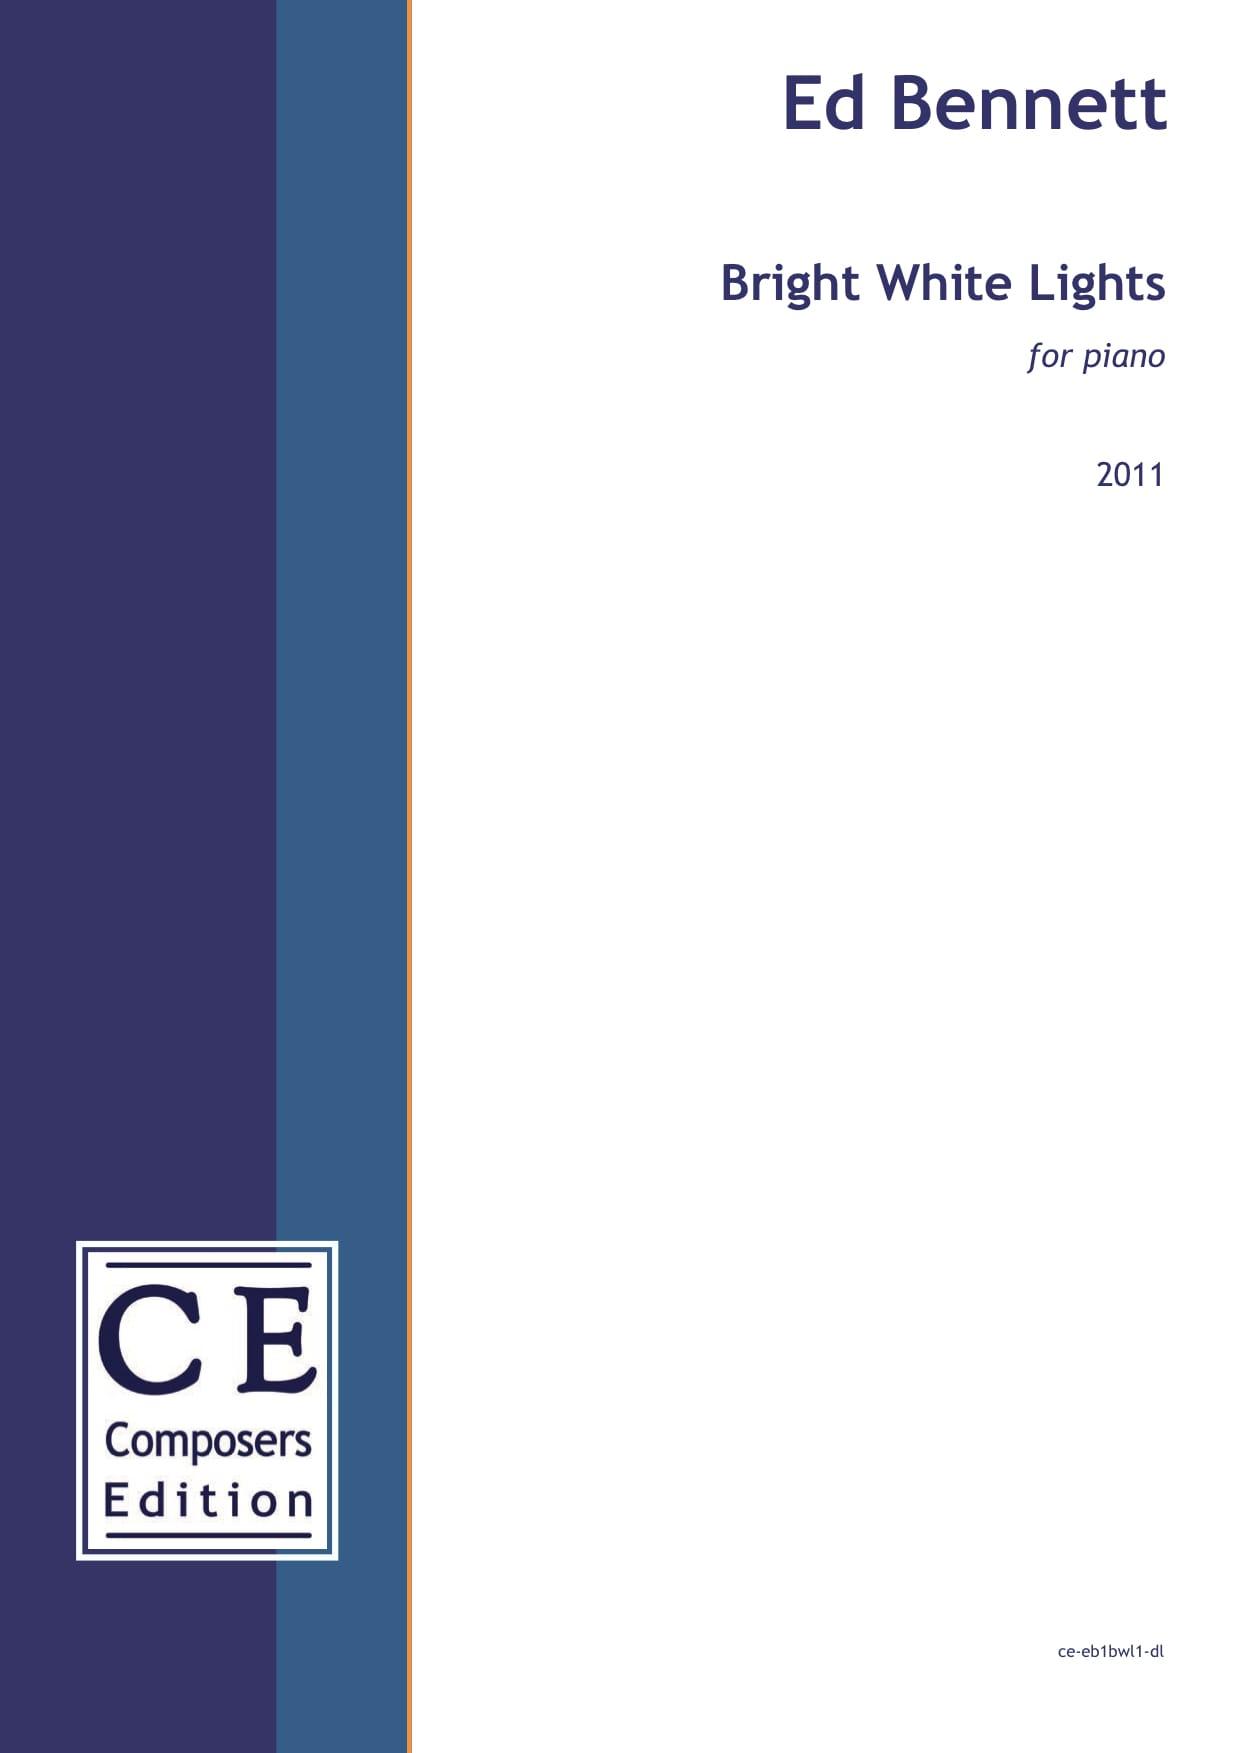 Ed Bennett: Bright White Lights for piano